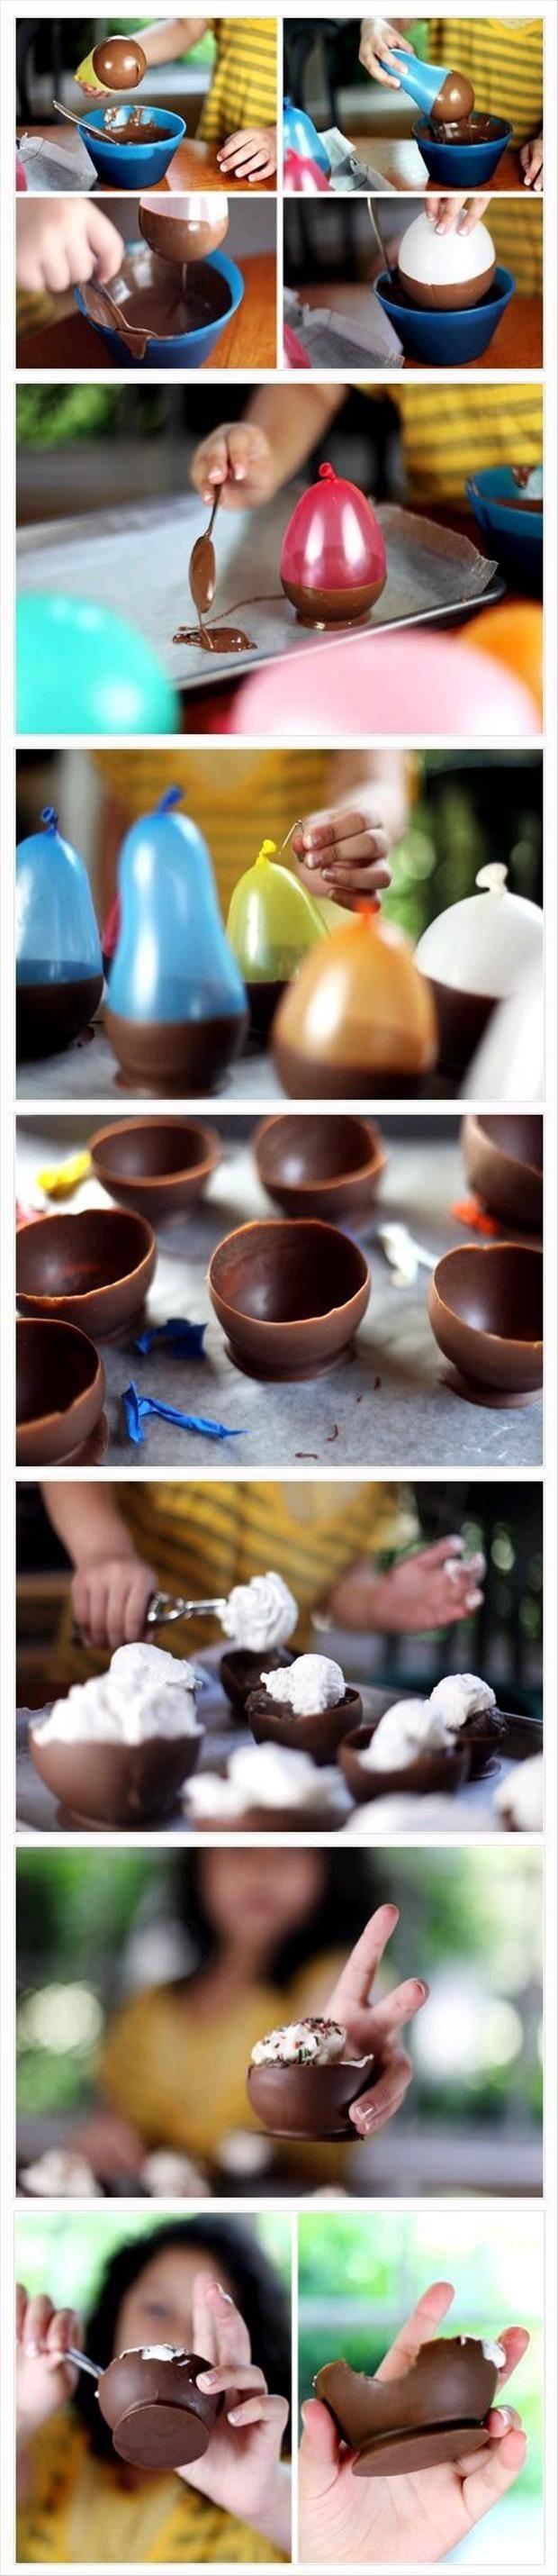 Faire des saladiers en chocolat en un temps record et avec trois fois rien... Miam ! - 10 objets et astuces indispensables pour vous simplifier la vie !